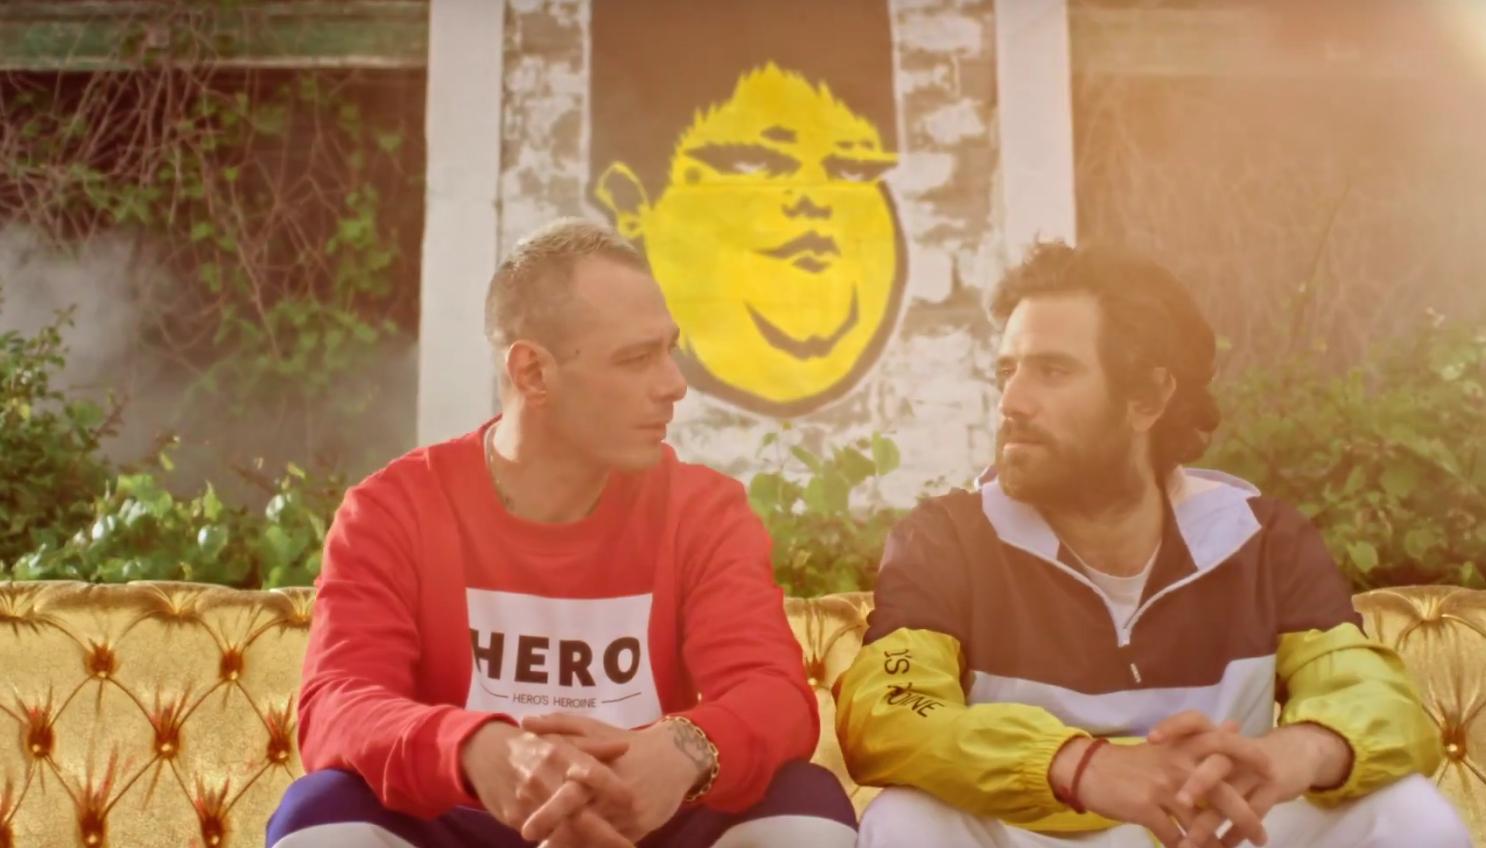 """FABRI FIBRA: il videoclip di """"Pamplona"""" girato a Trieste da Cosimo Alemà"""